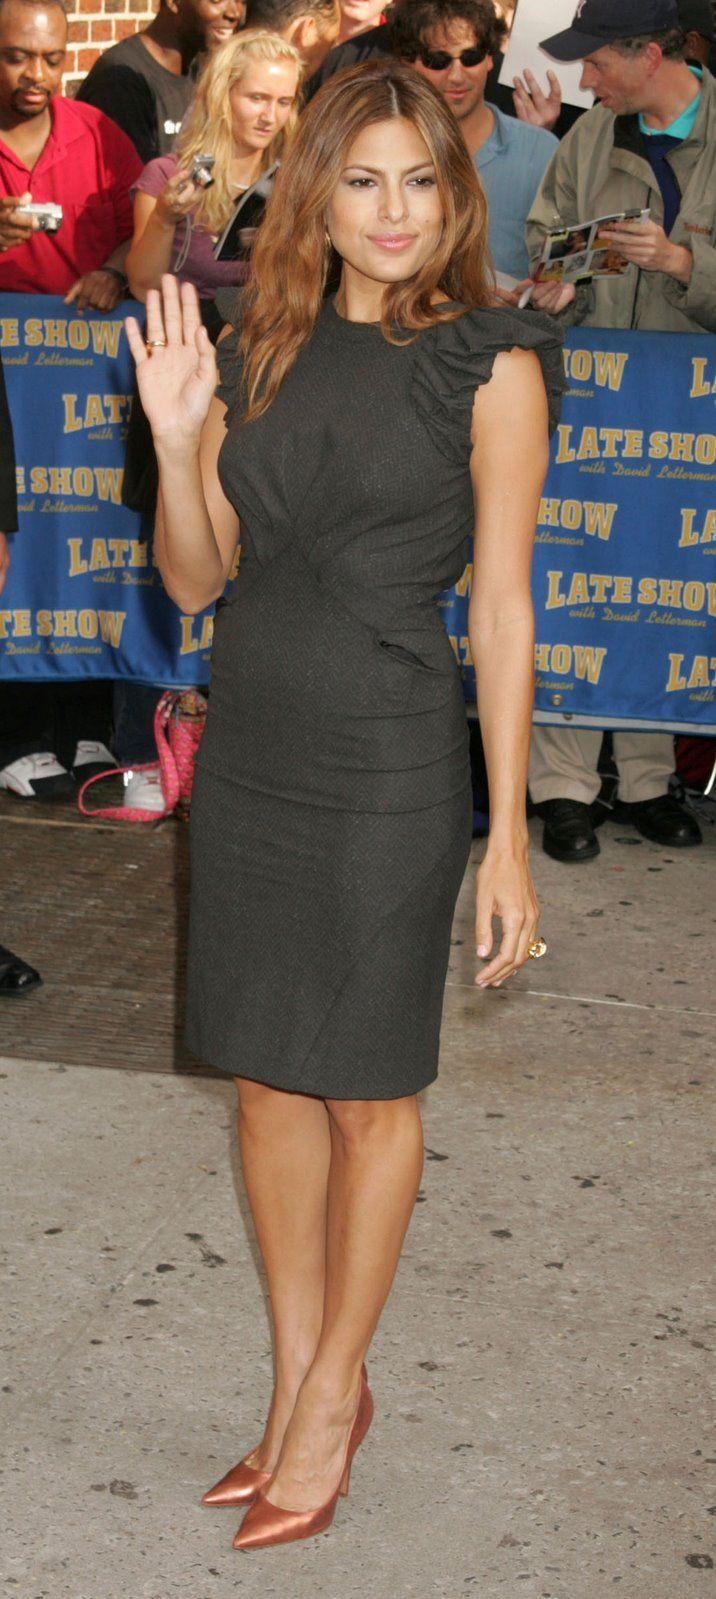 Eva Mendes in Zack Posen dress